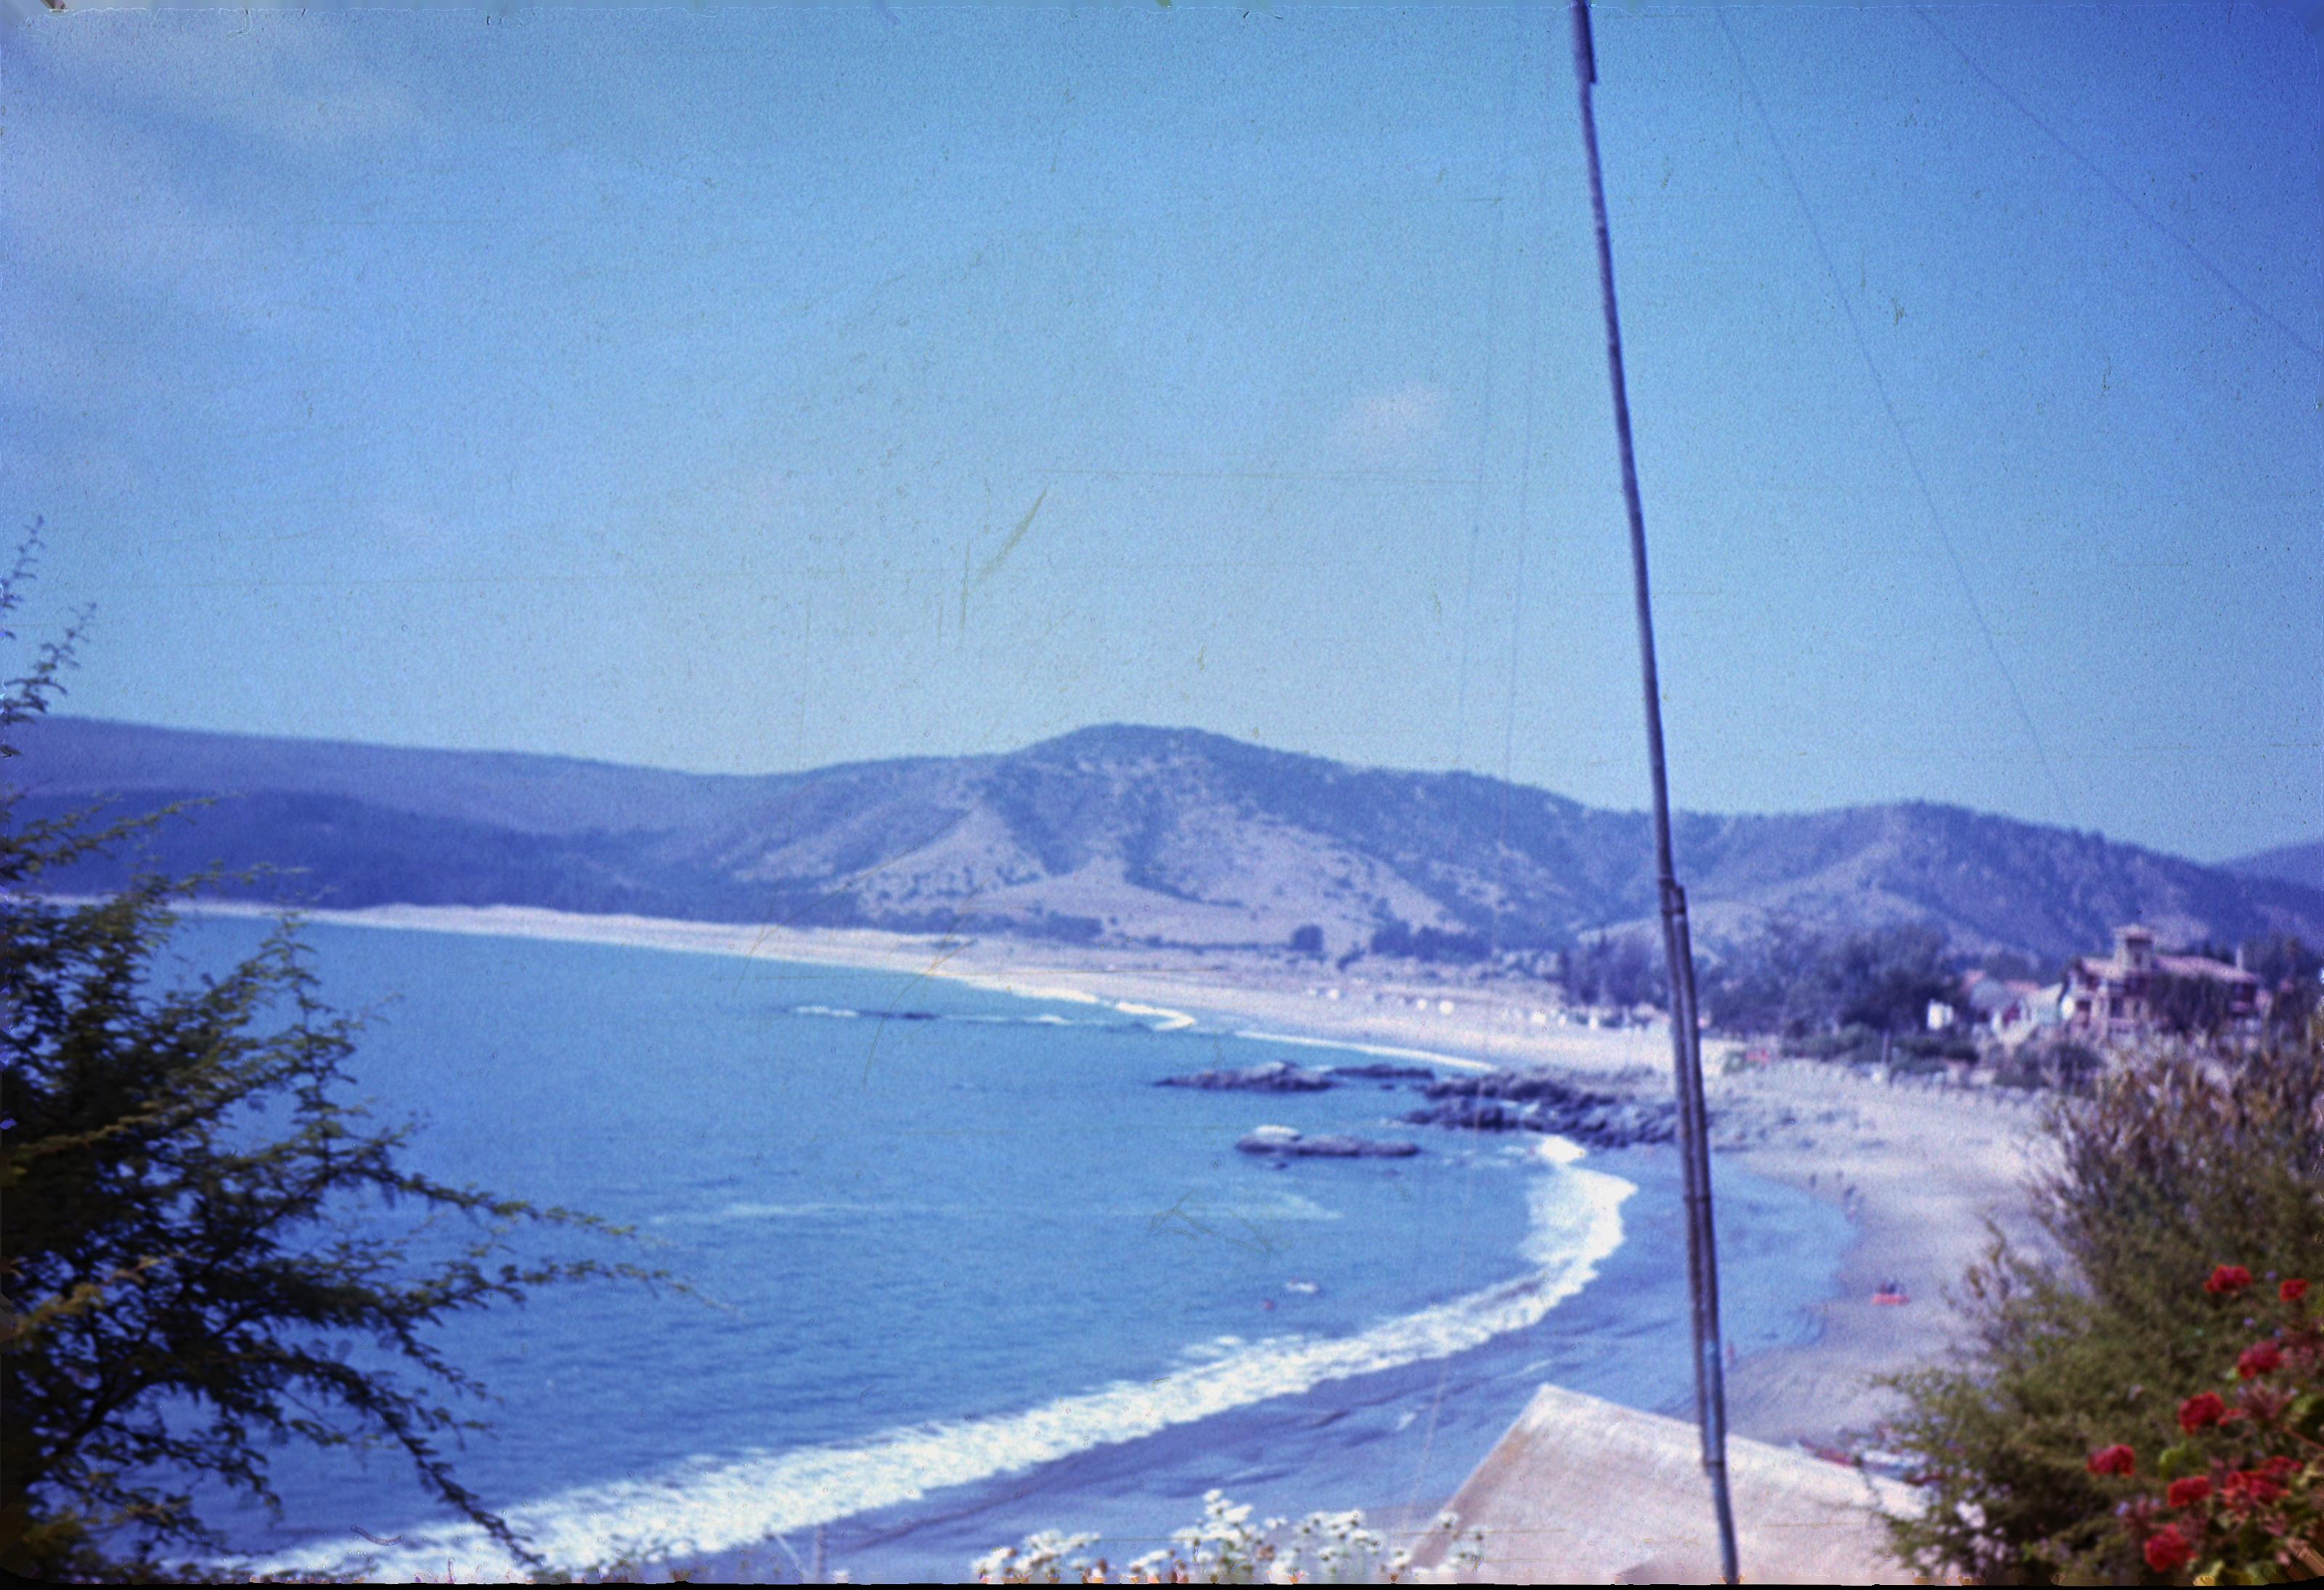 Enterreno - Fotos históricas de chile - fotos antiguas de Chile - Bahía de Papudo en 1971